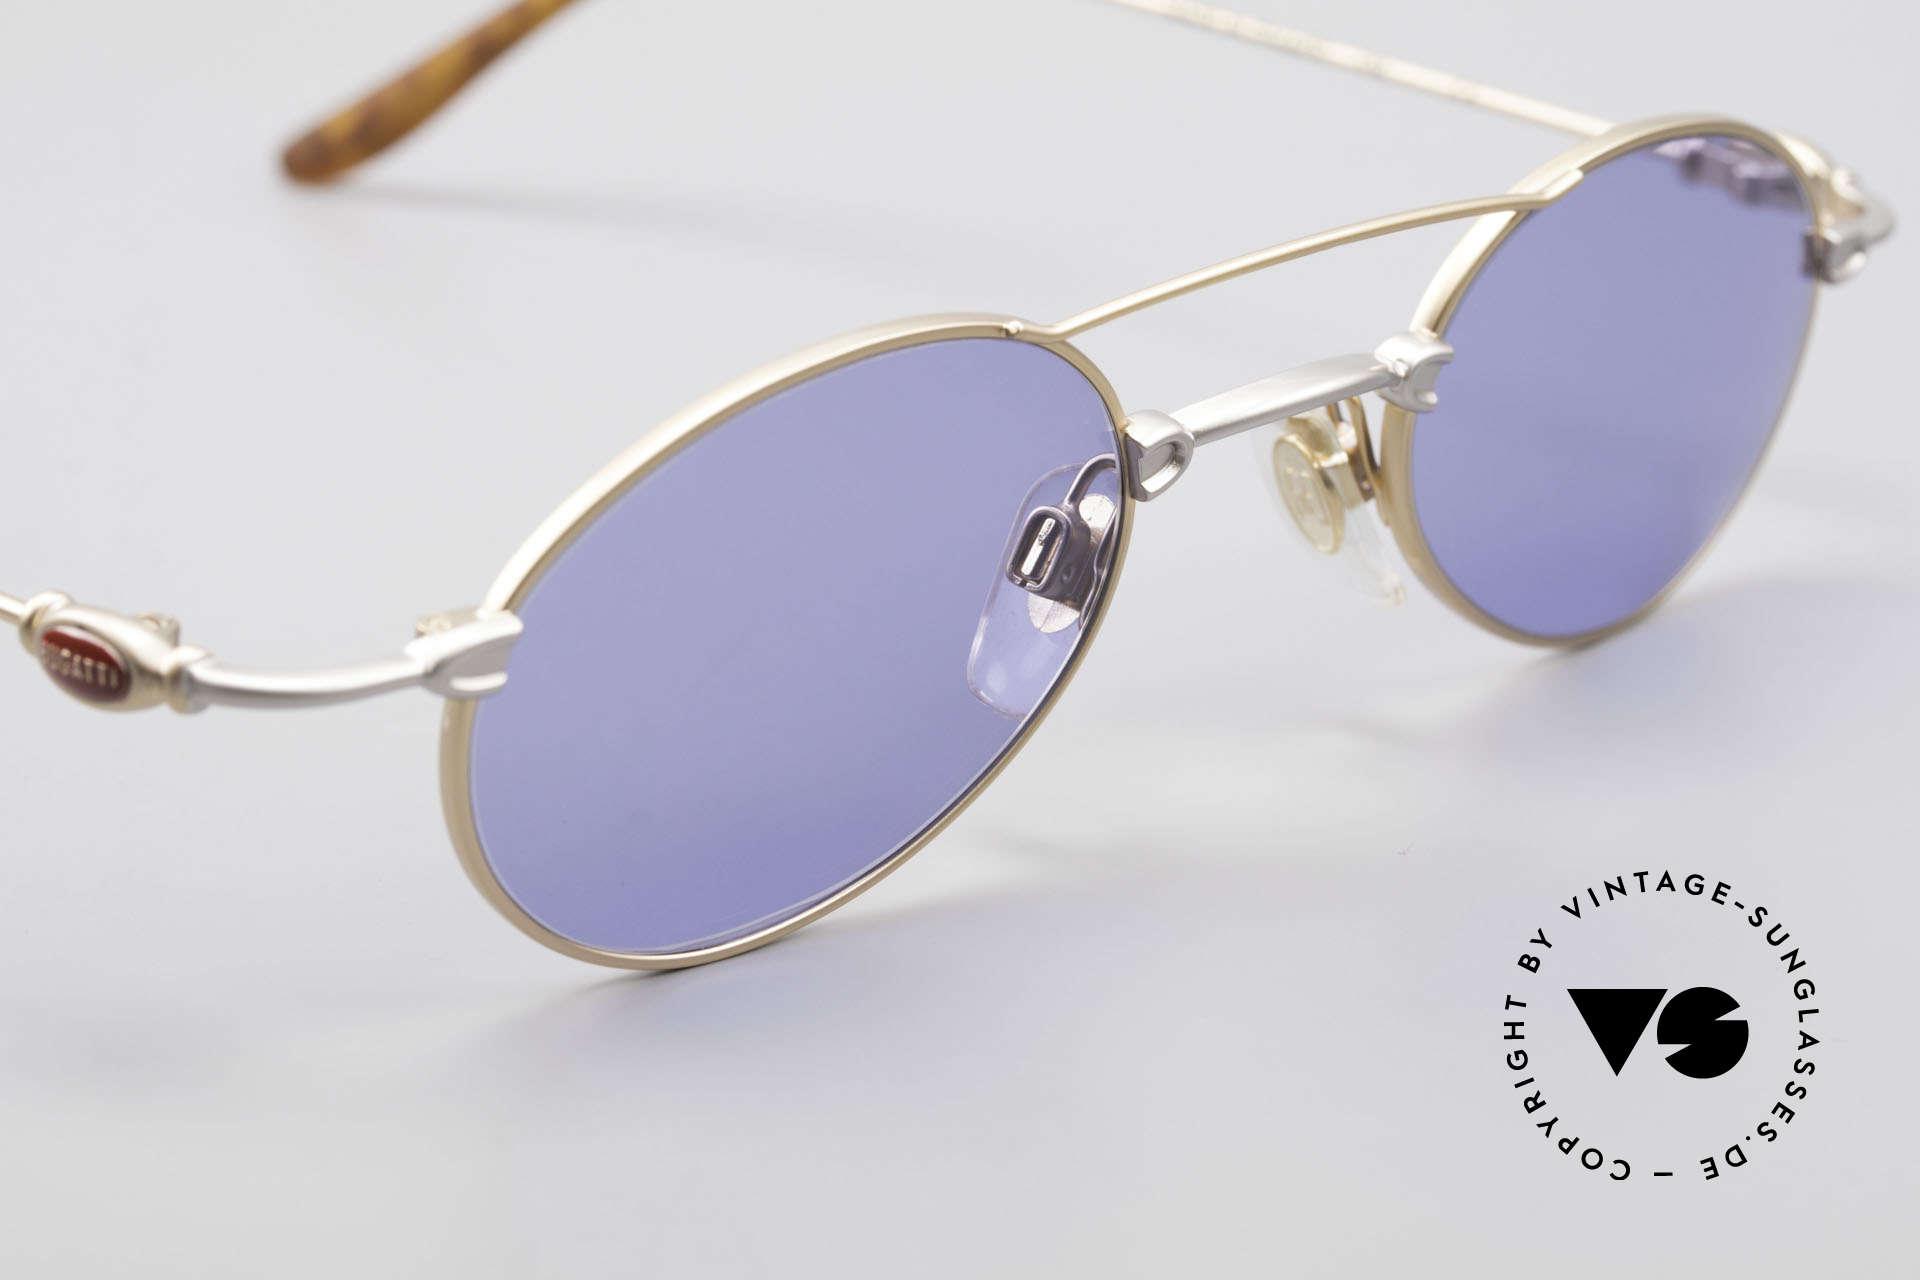 Bugatti 10868 Luxury Men's Sunglasses 90's, NO RETRO fashion, but a unique 25 years old original, Made for Men